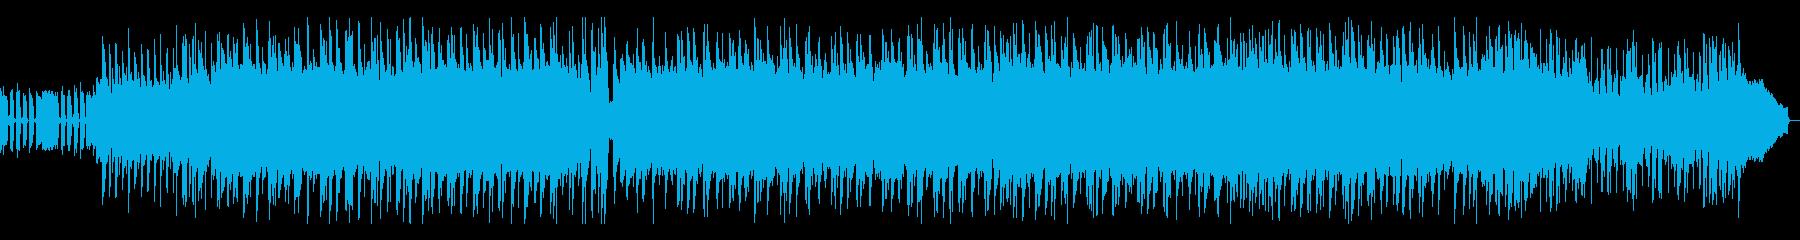 爽快でノリノリなロックポップの再生済みの波形